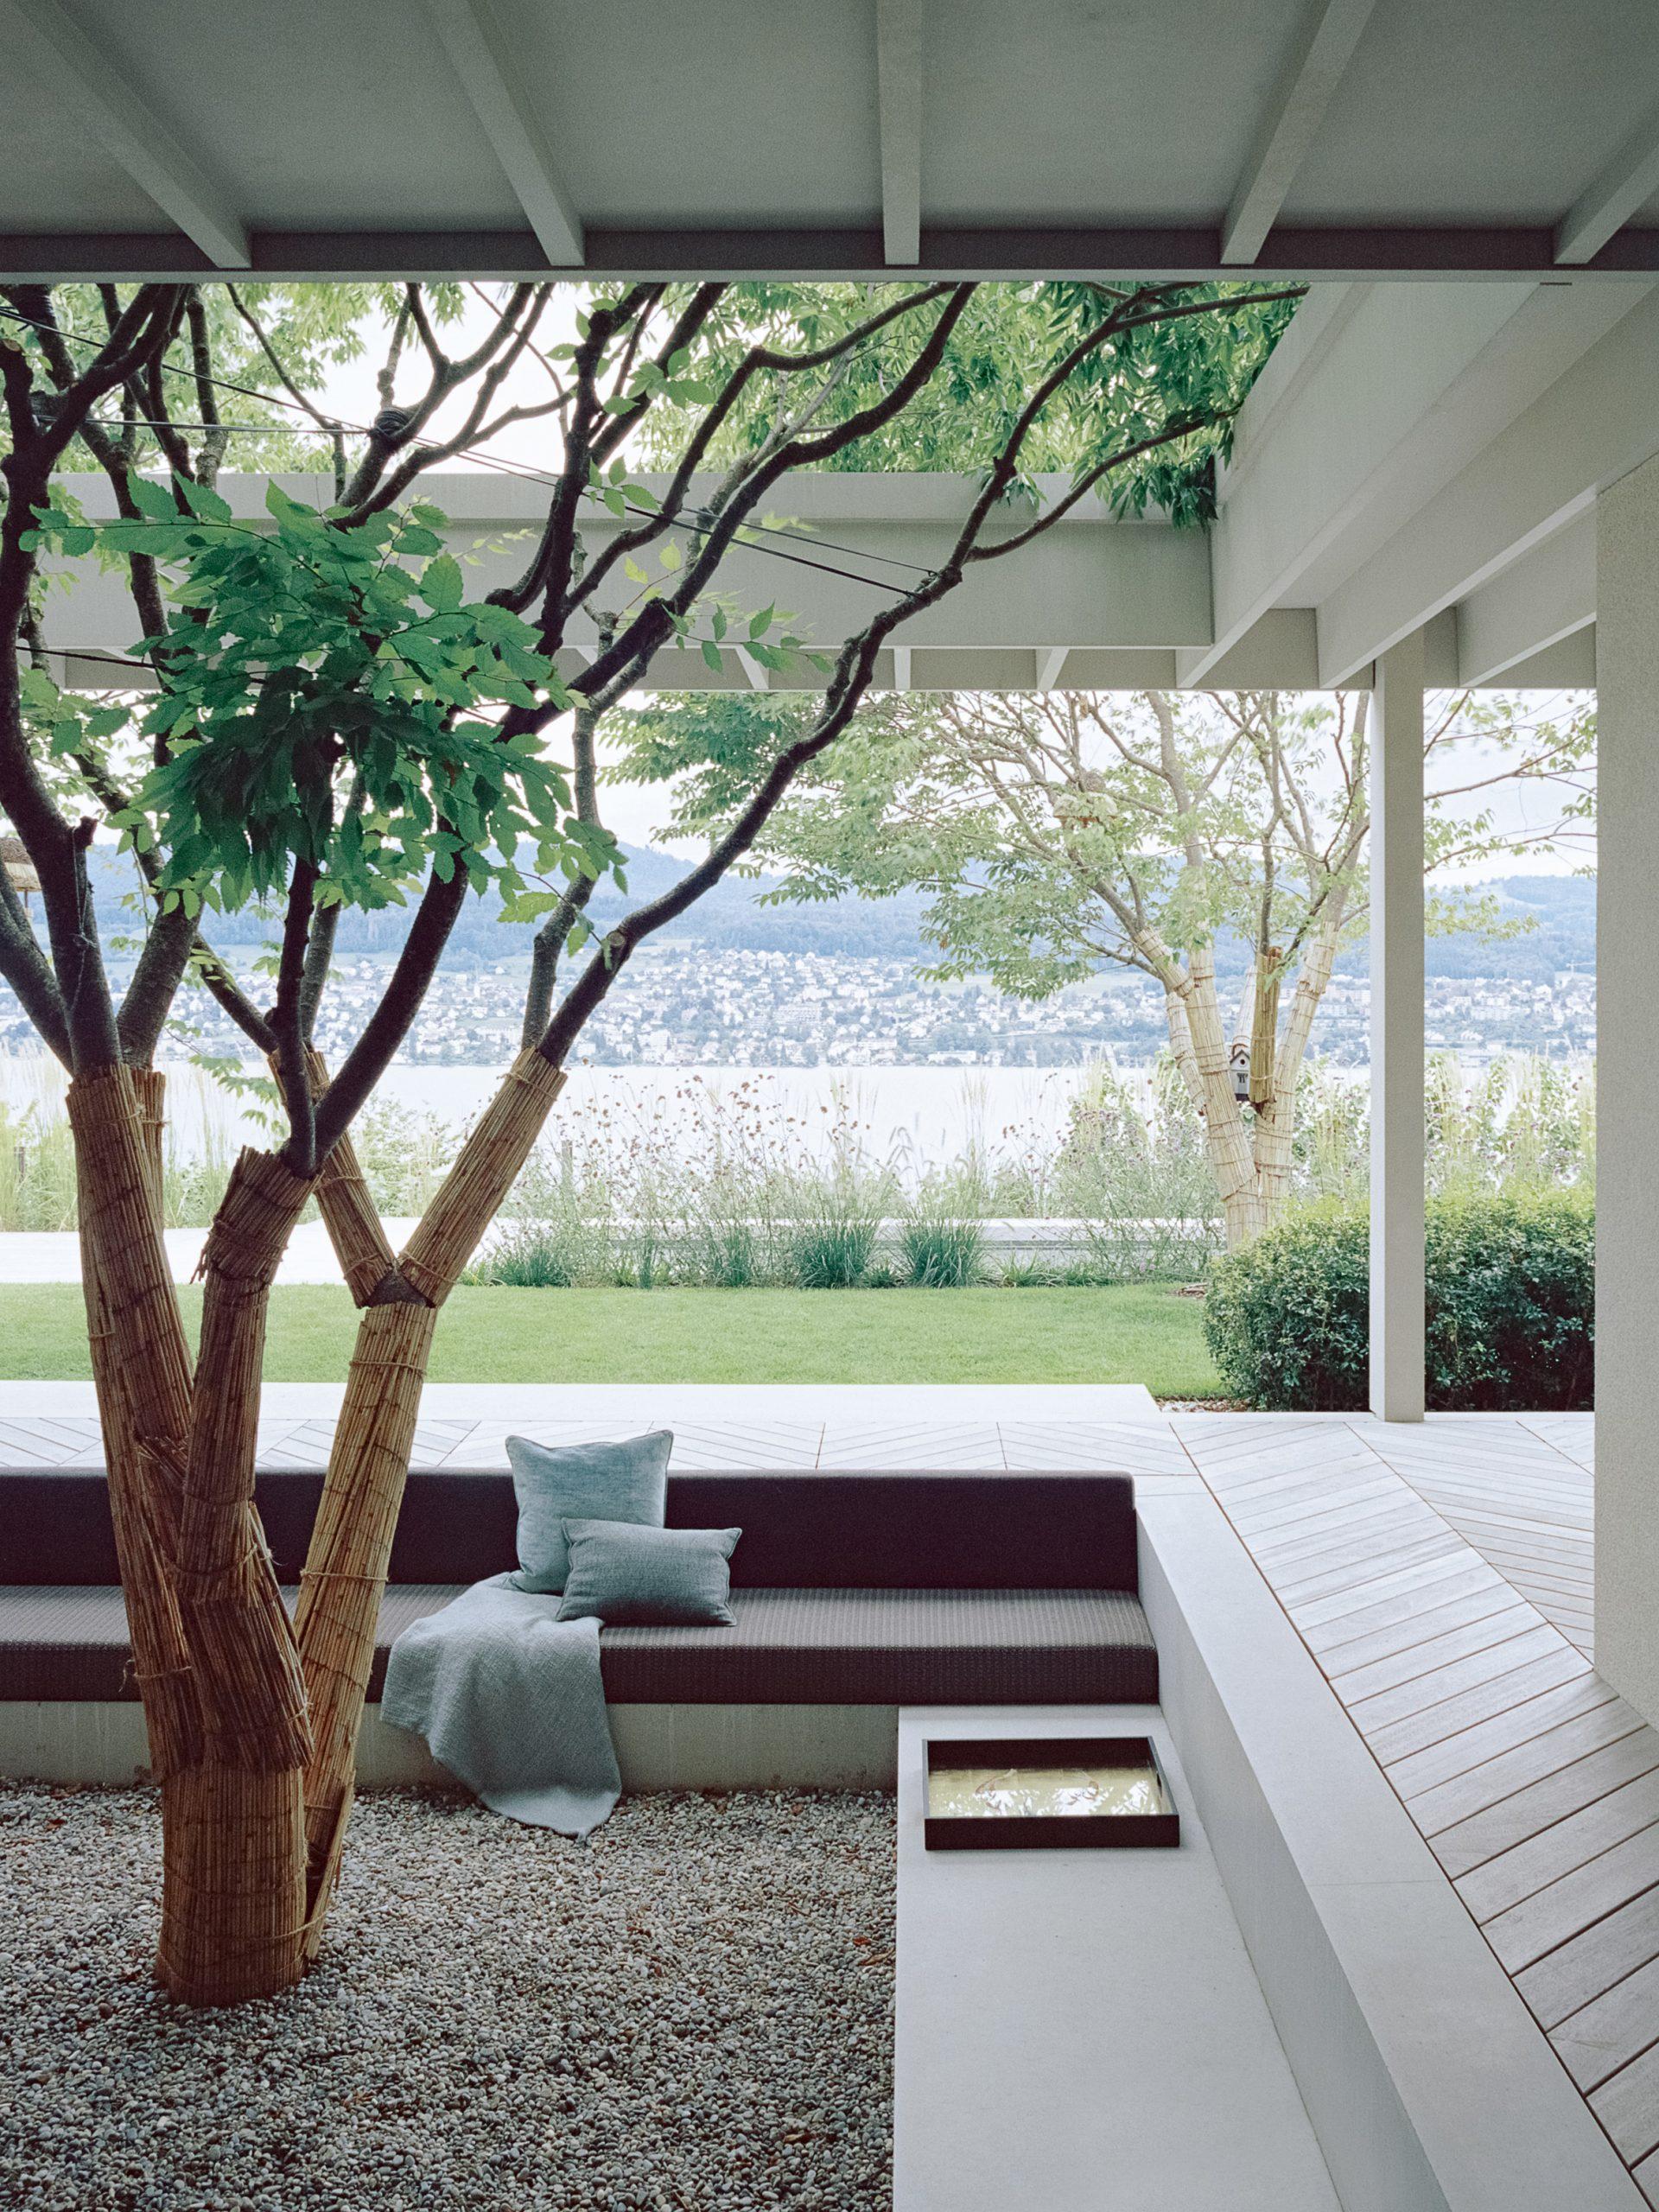 House at a Vineyard in Zurich, Switzerland designed by Think Architecture